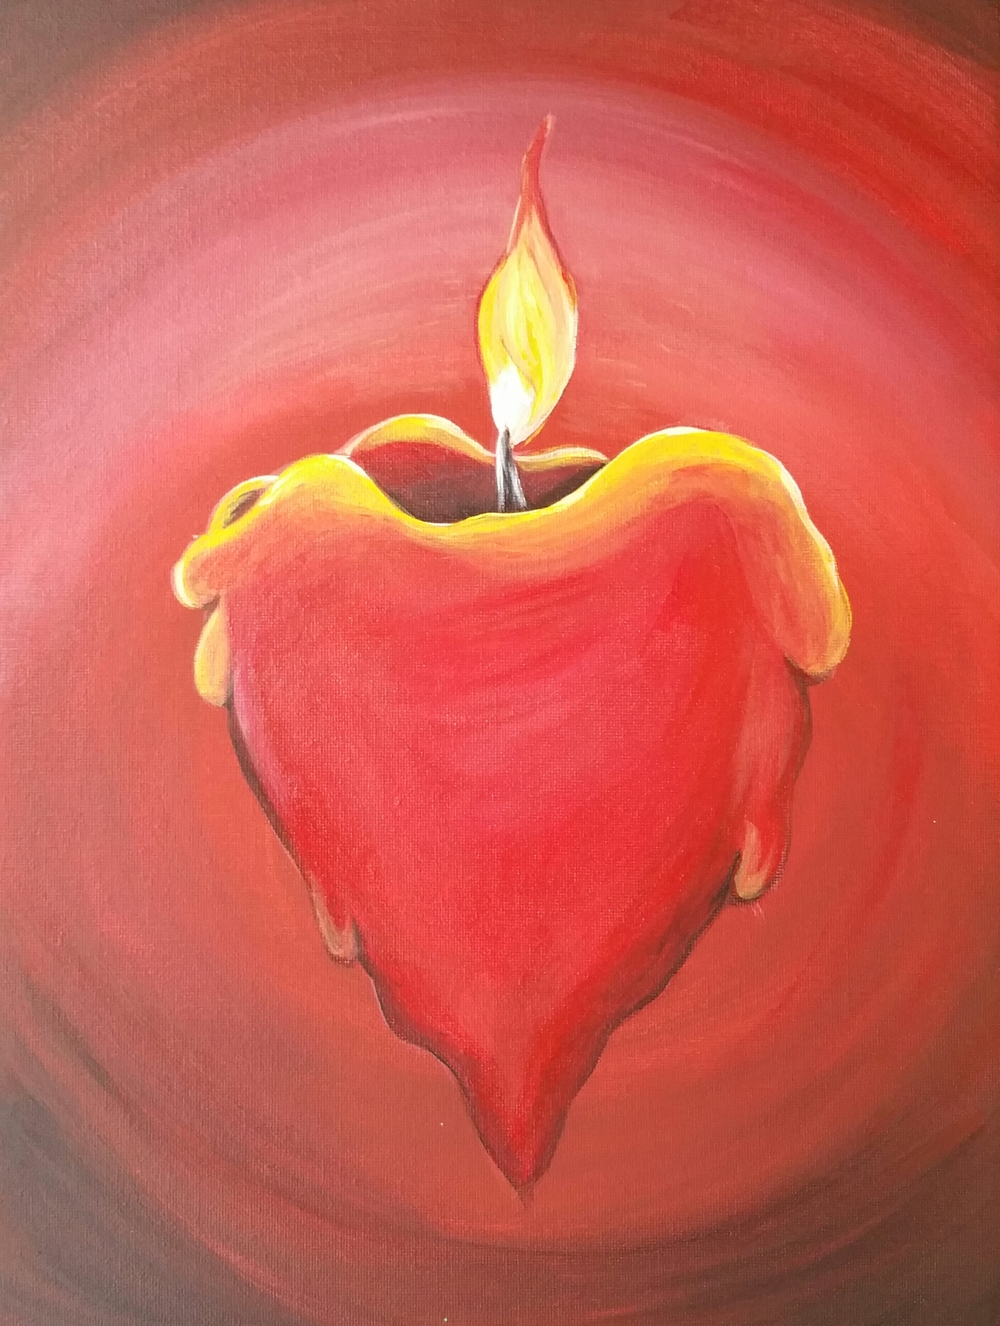 Heart's Aglow